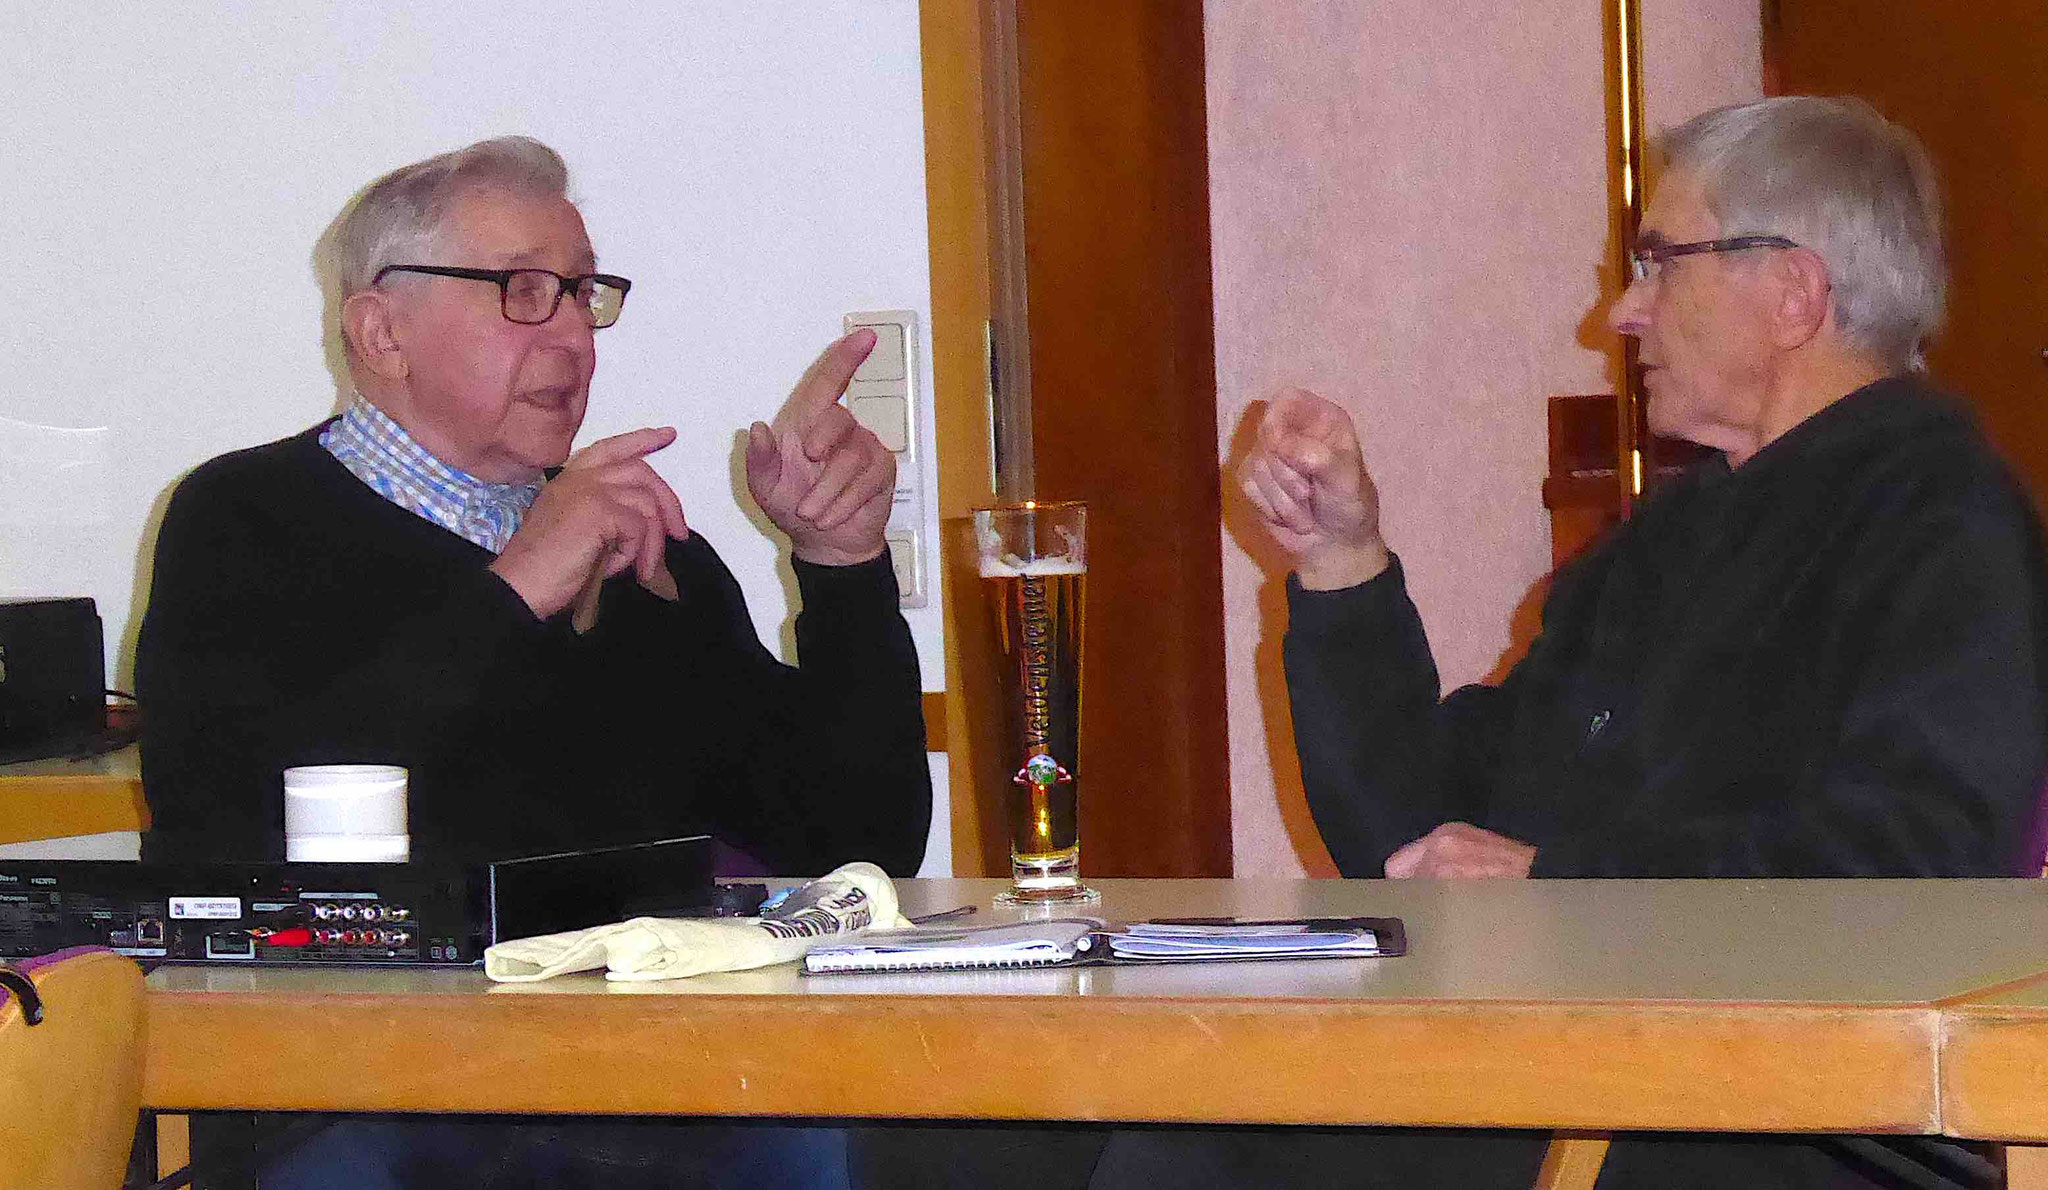 Diskussion am Rande des Wettbewerbs.